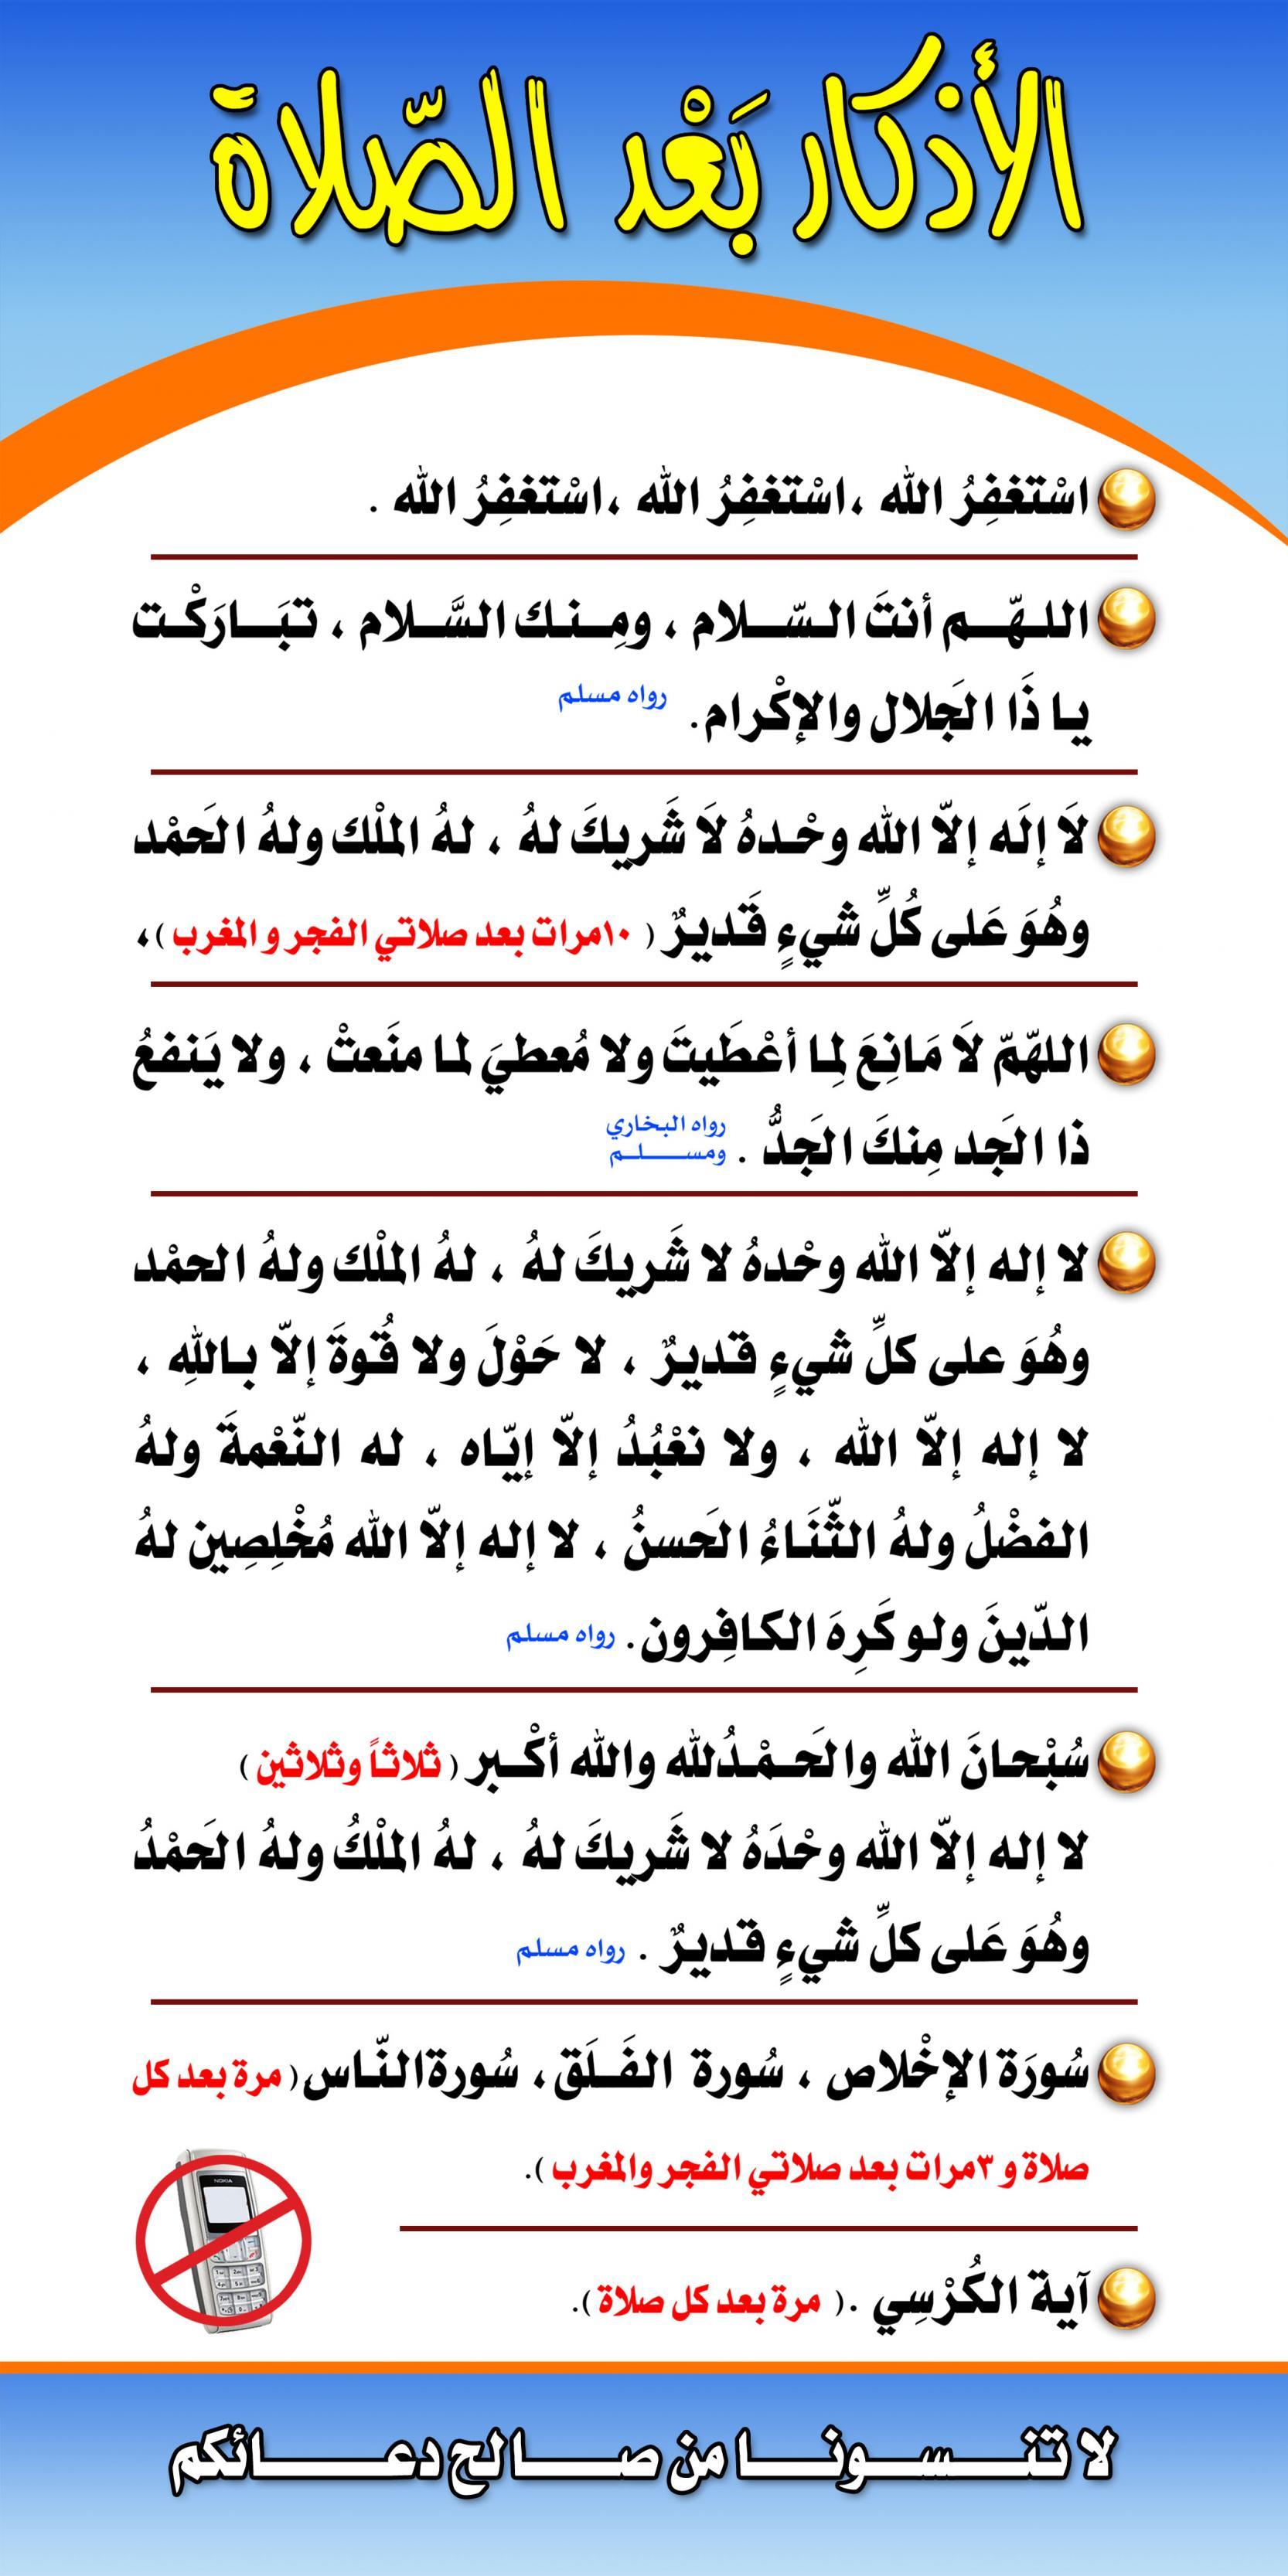 صورة اذكار بعد الصلاة , مايقال بعد الصلاه